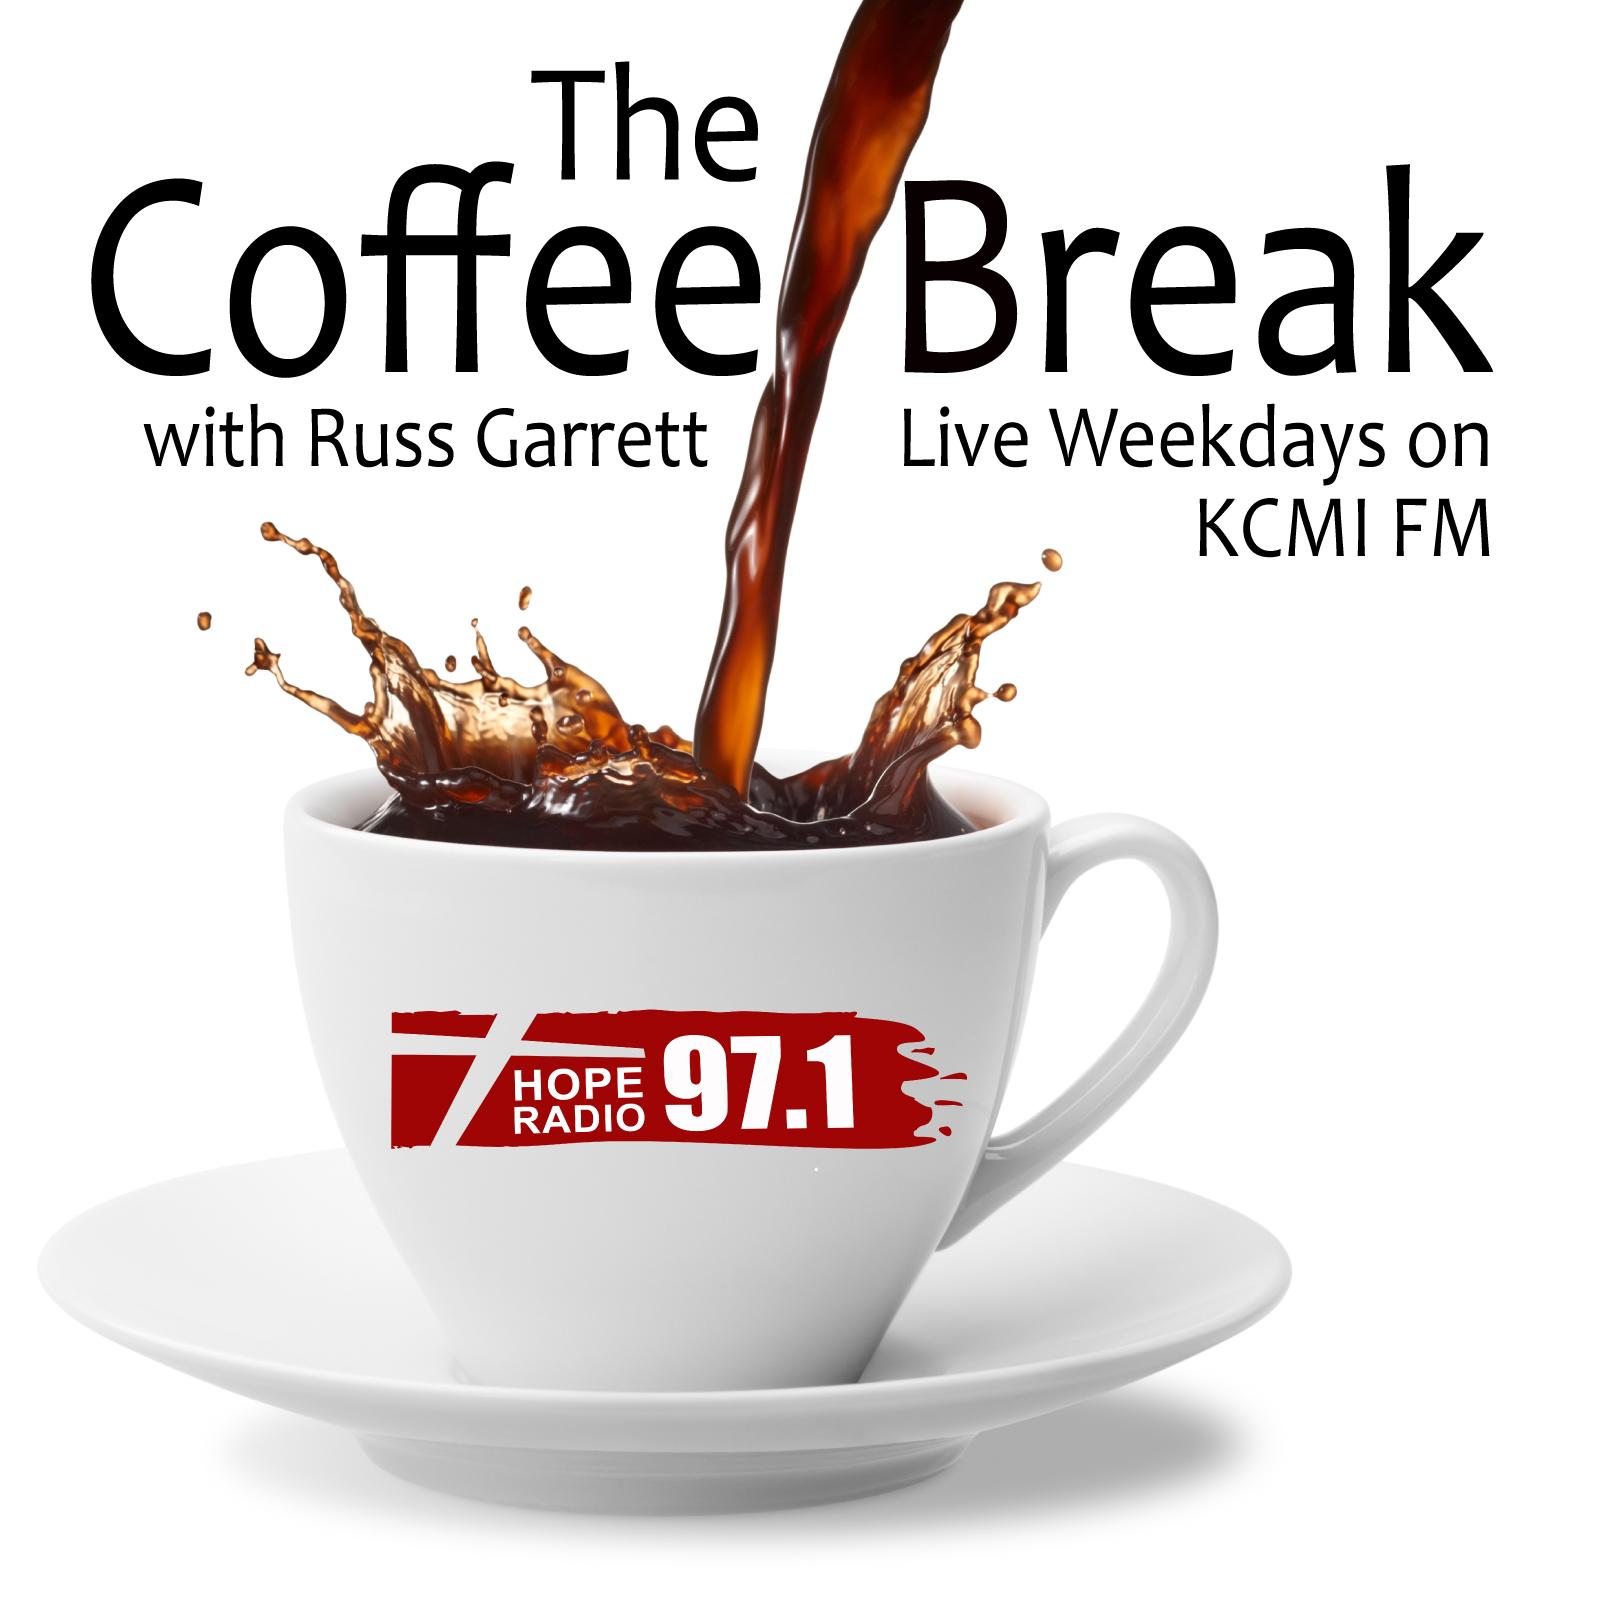 KCMI's The Coffee Break show art